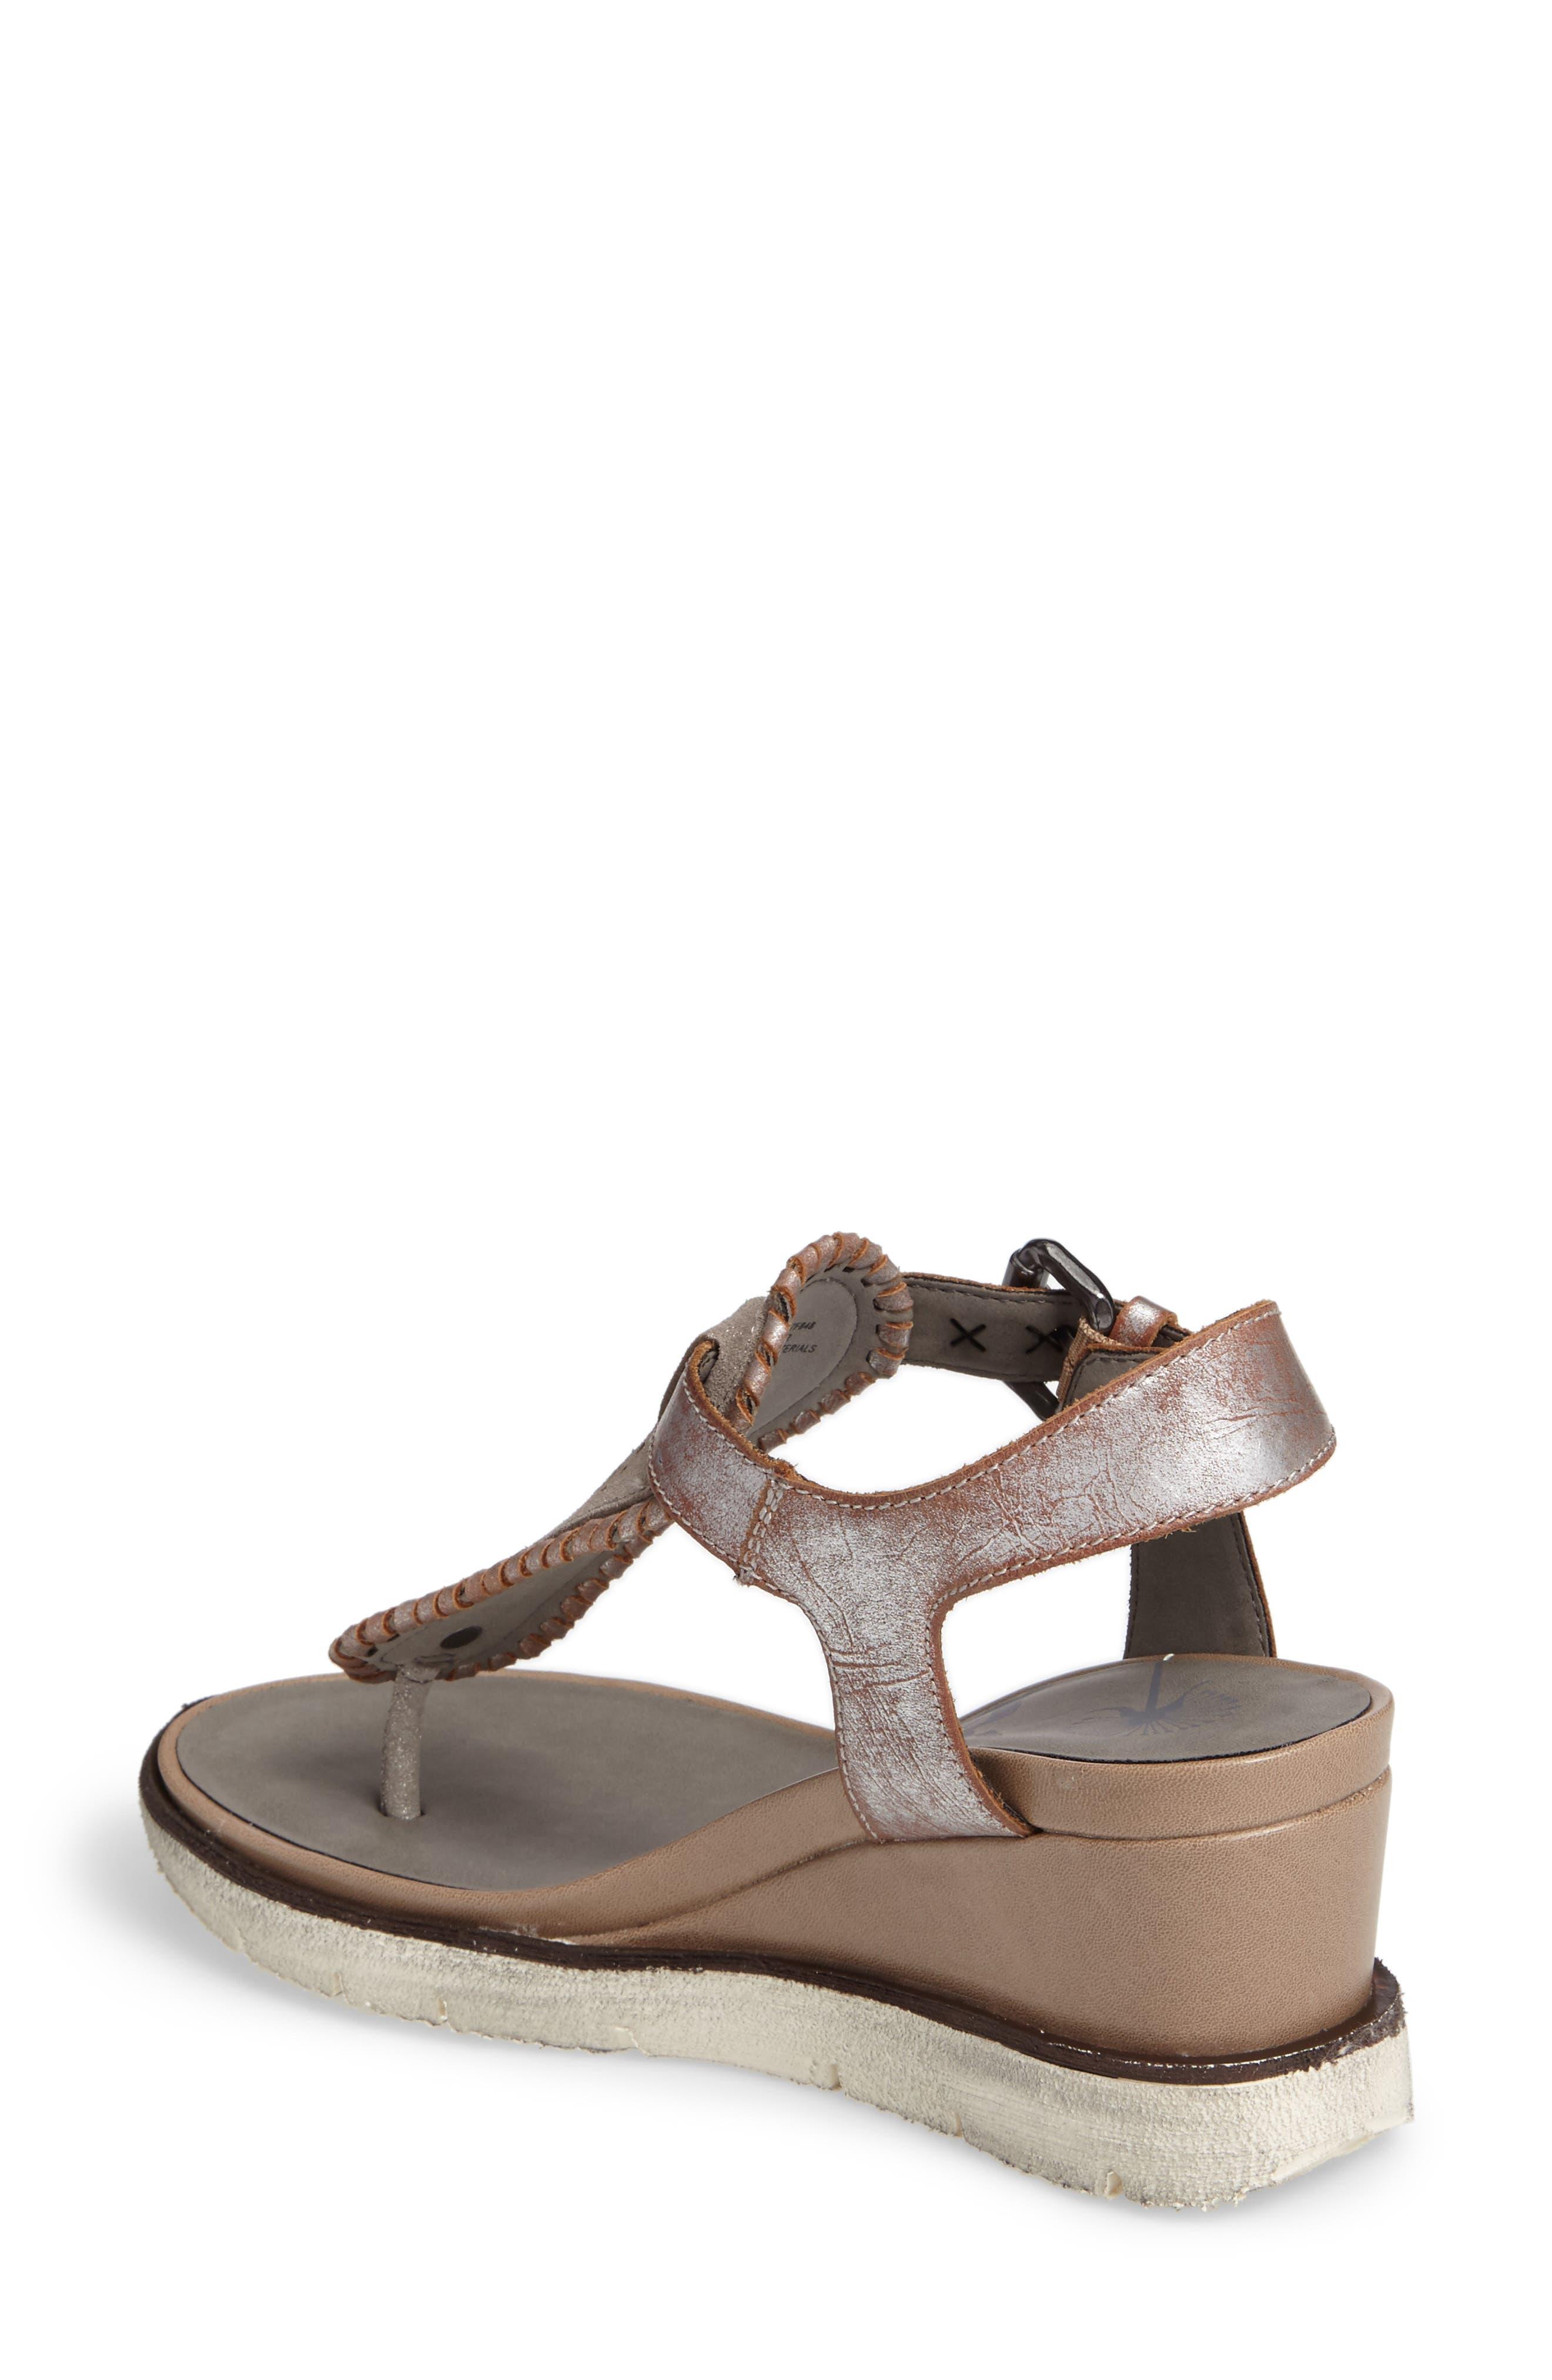 Excursion Wedge Sandal,                             Alternate thumbnail 2, color,                             Cloudburst Leather